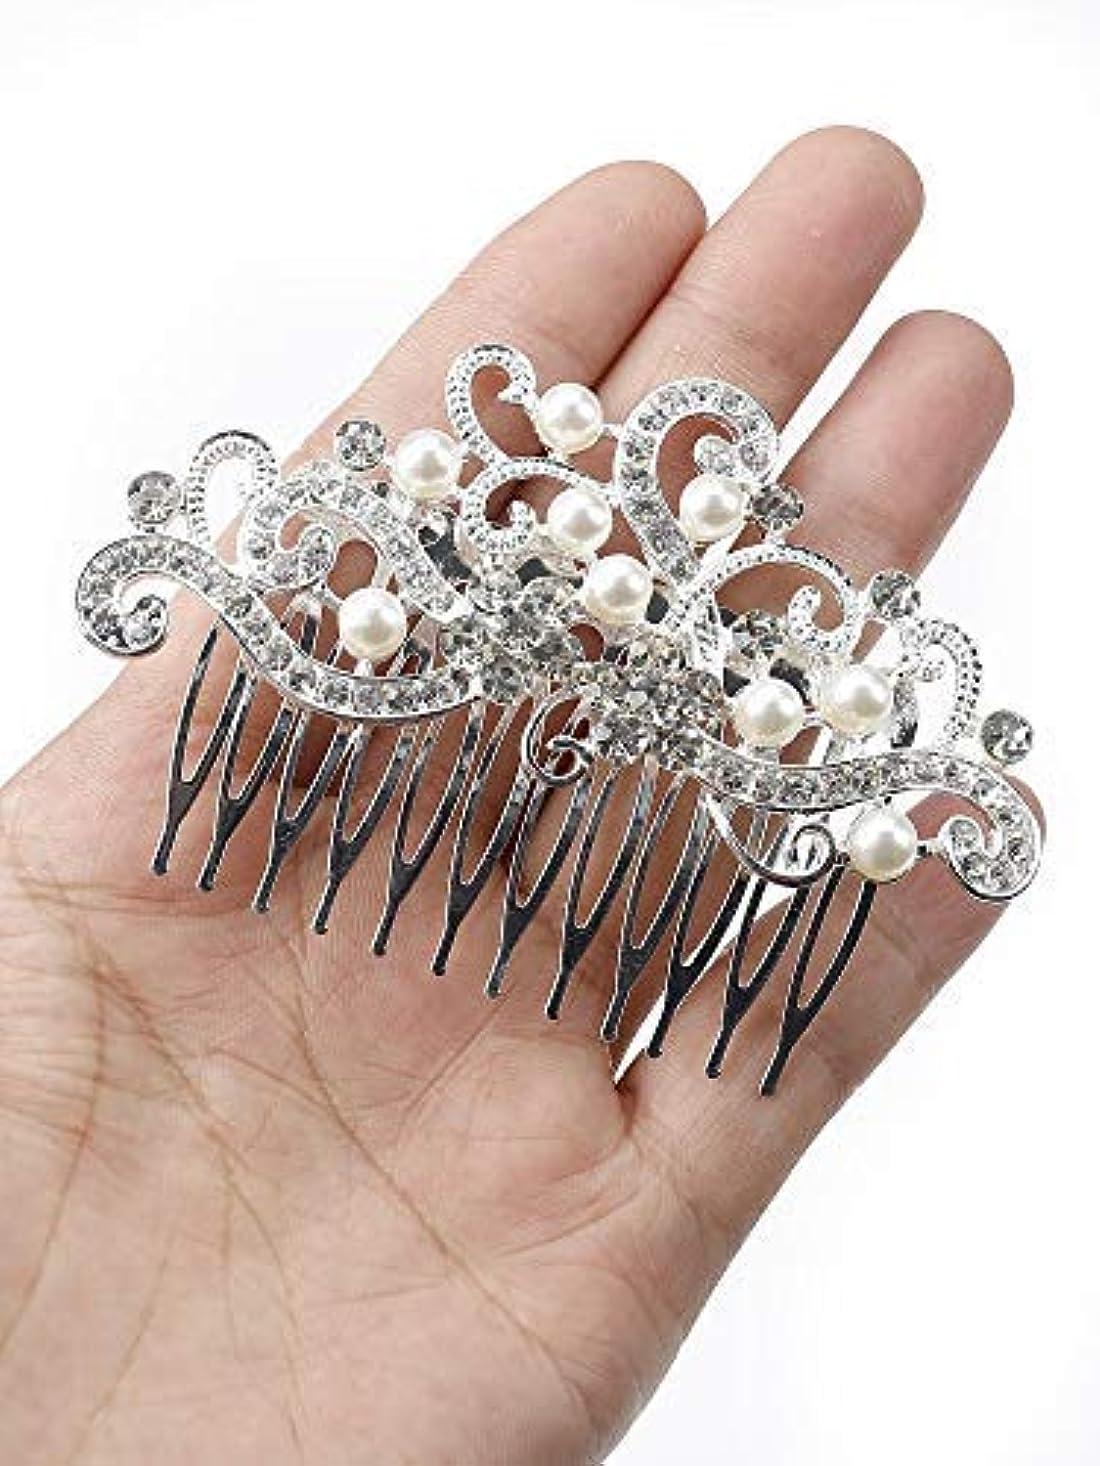 ピアノストリーム誇りFXmimior Women Vintage Crystal Hair Comb Headpiece Hair Accessories for Women Wedding Bridal(SILVER) [並行輸入品]